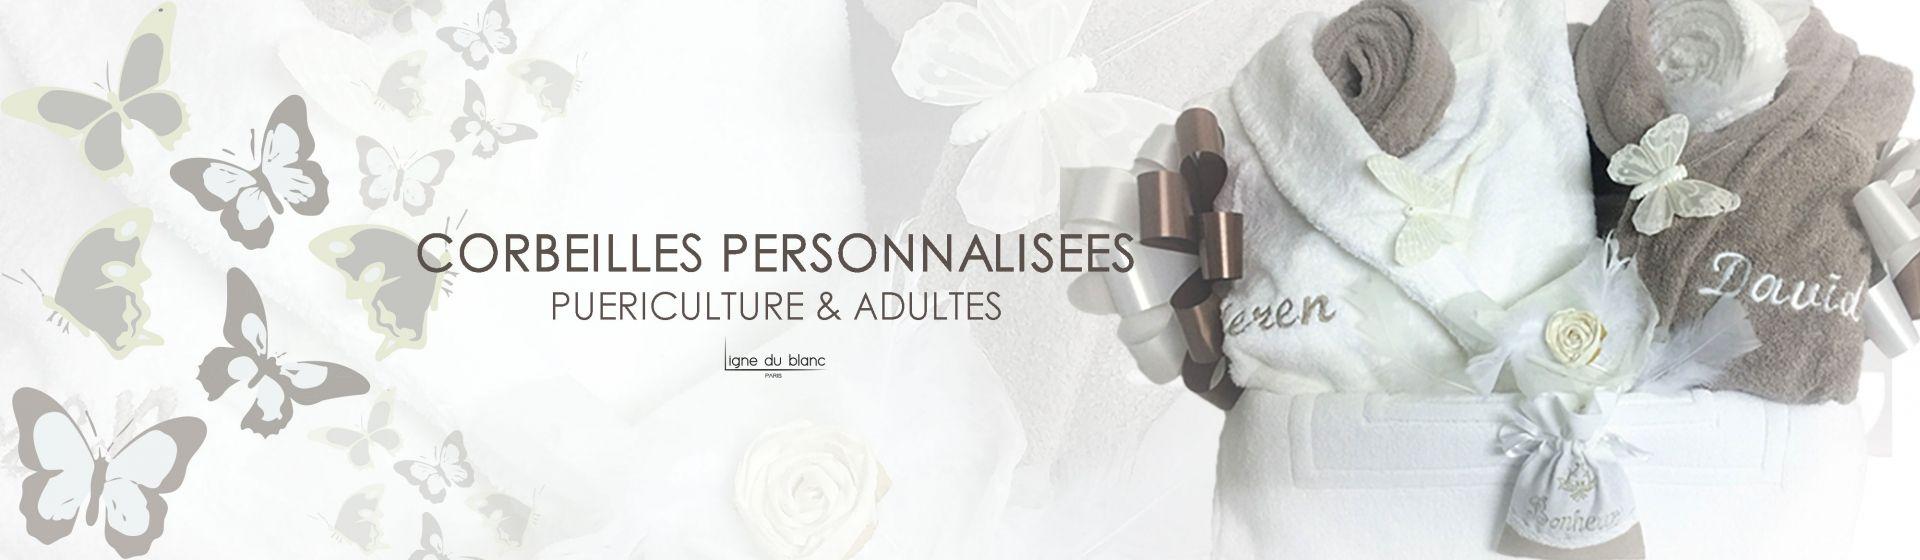 Corbeilles Personnalisées Puericulture & Adultes